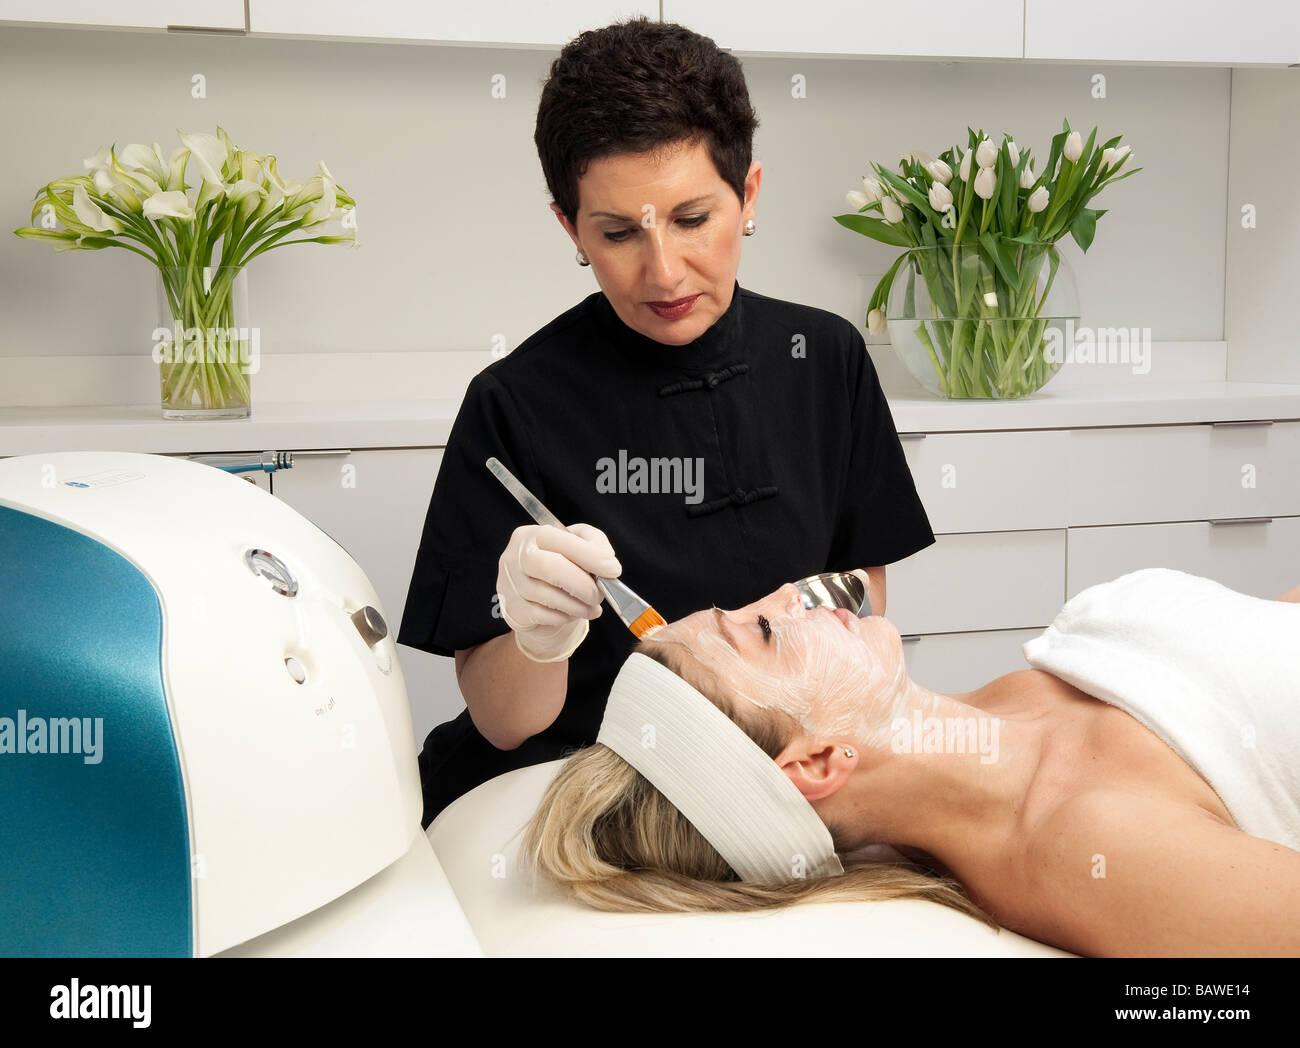 Donna di ottenere un trattamento per il viso a una spa. Immagini Stock